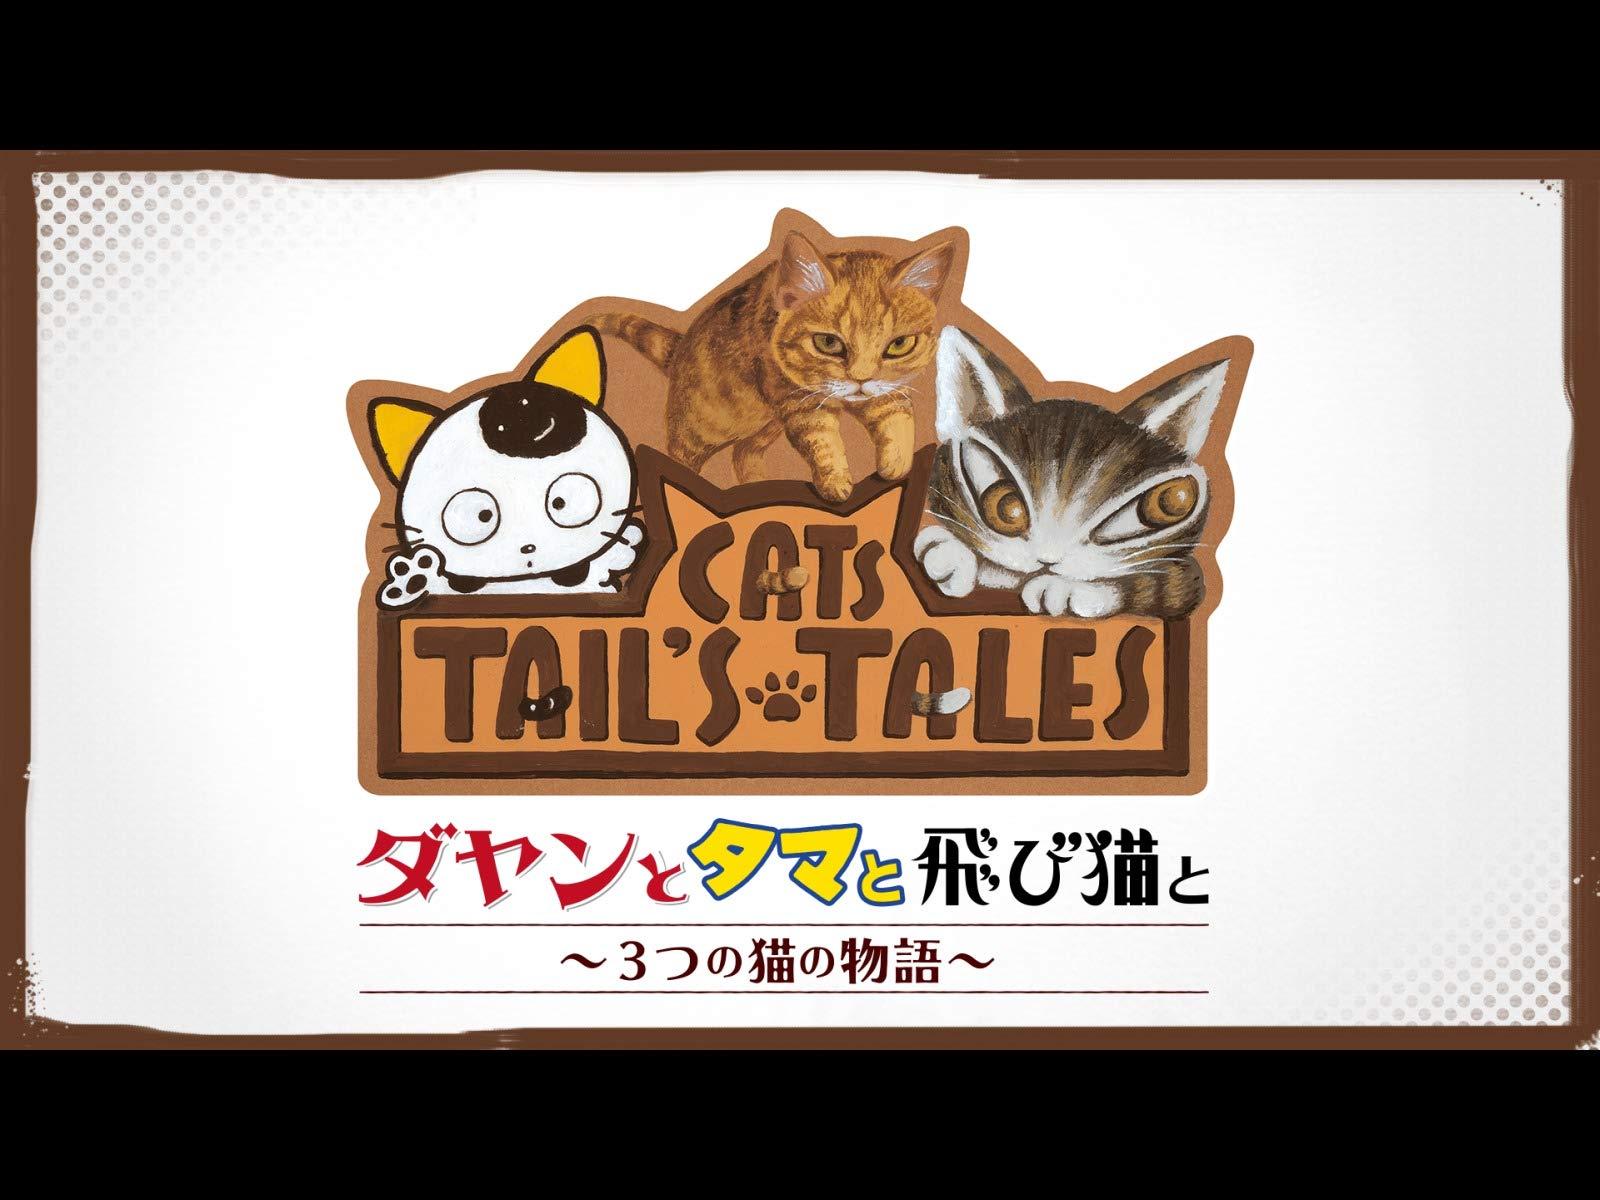 Amazon Co Jp ダヤンとタマと飛び猫と 3つの猫の物語 Dアニメ